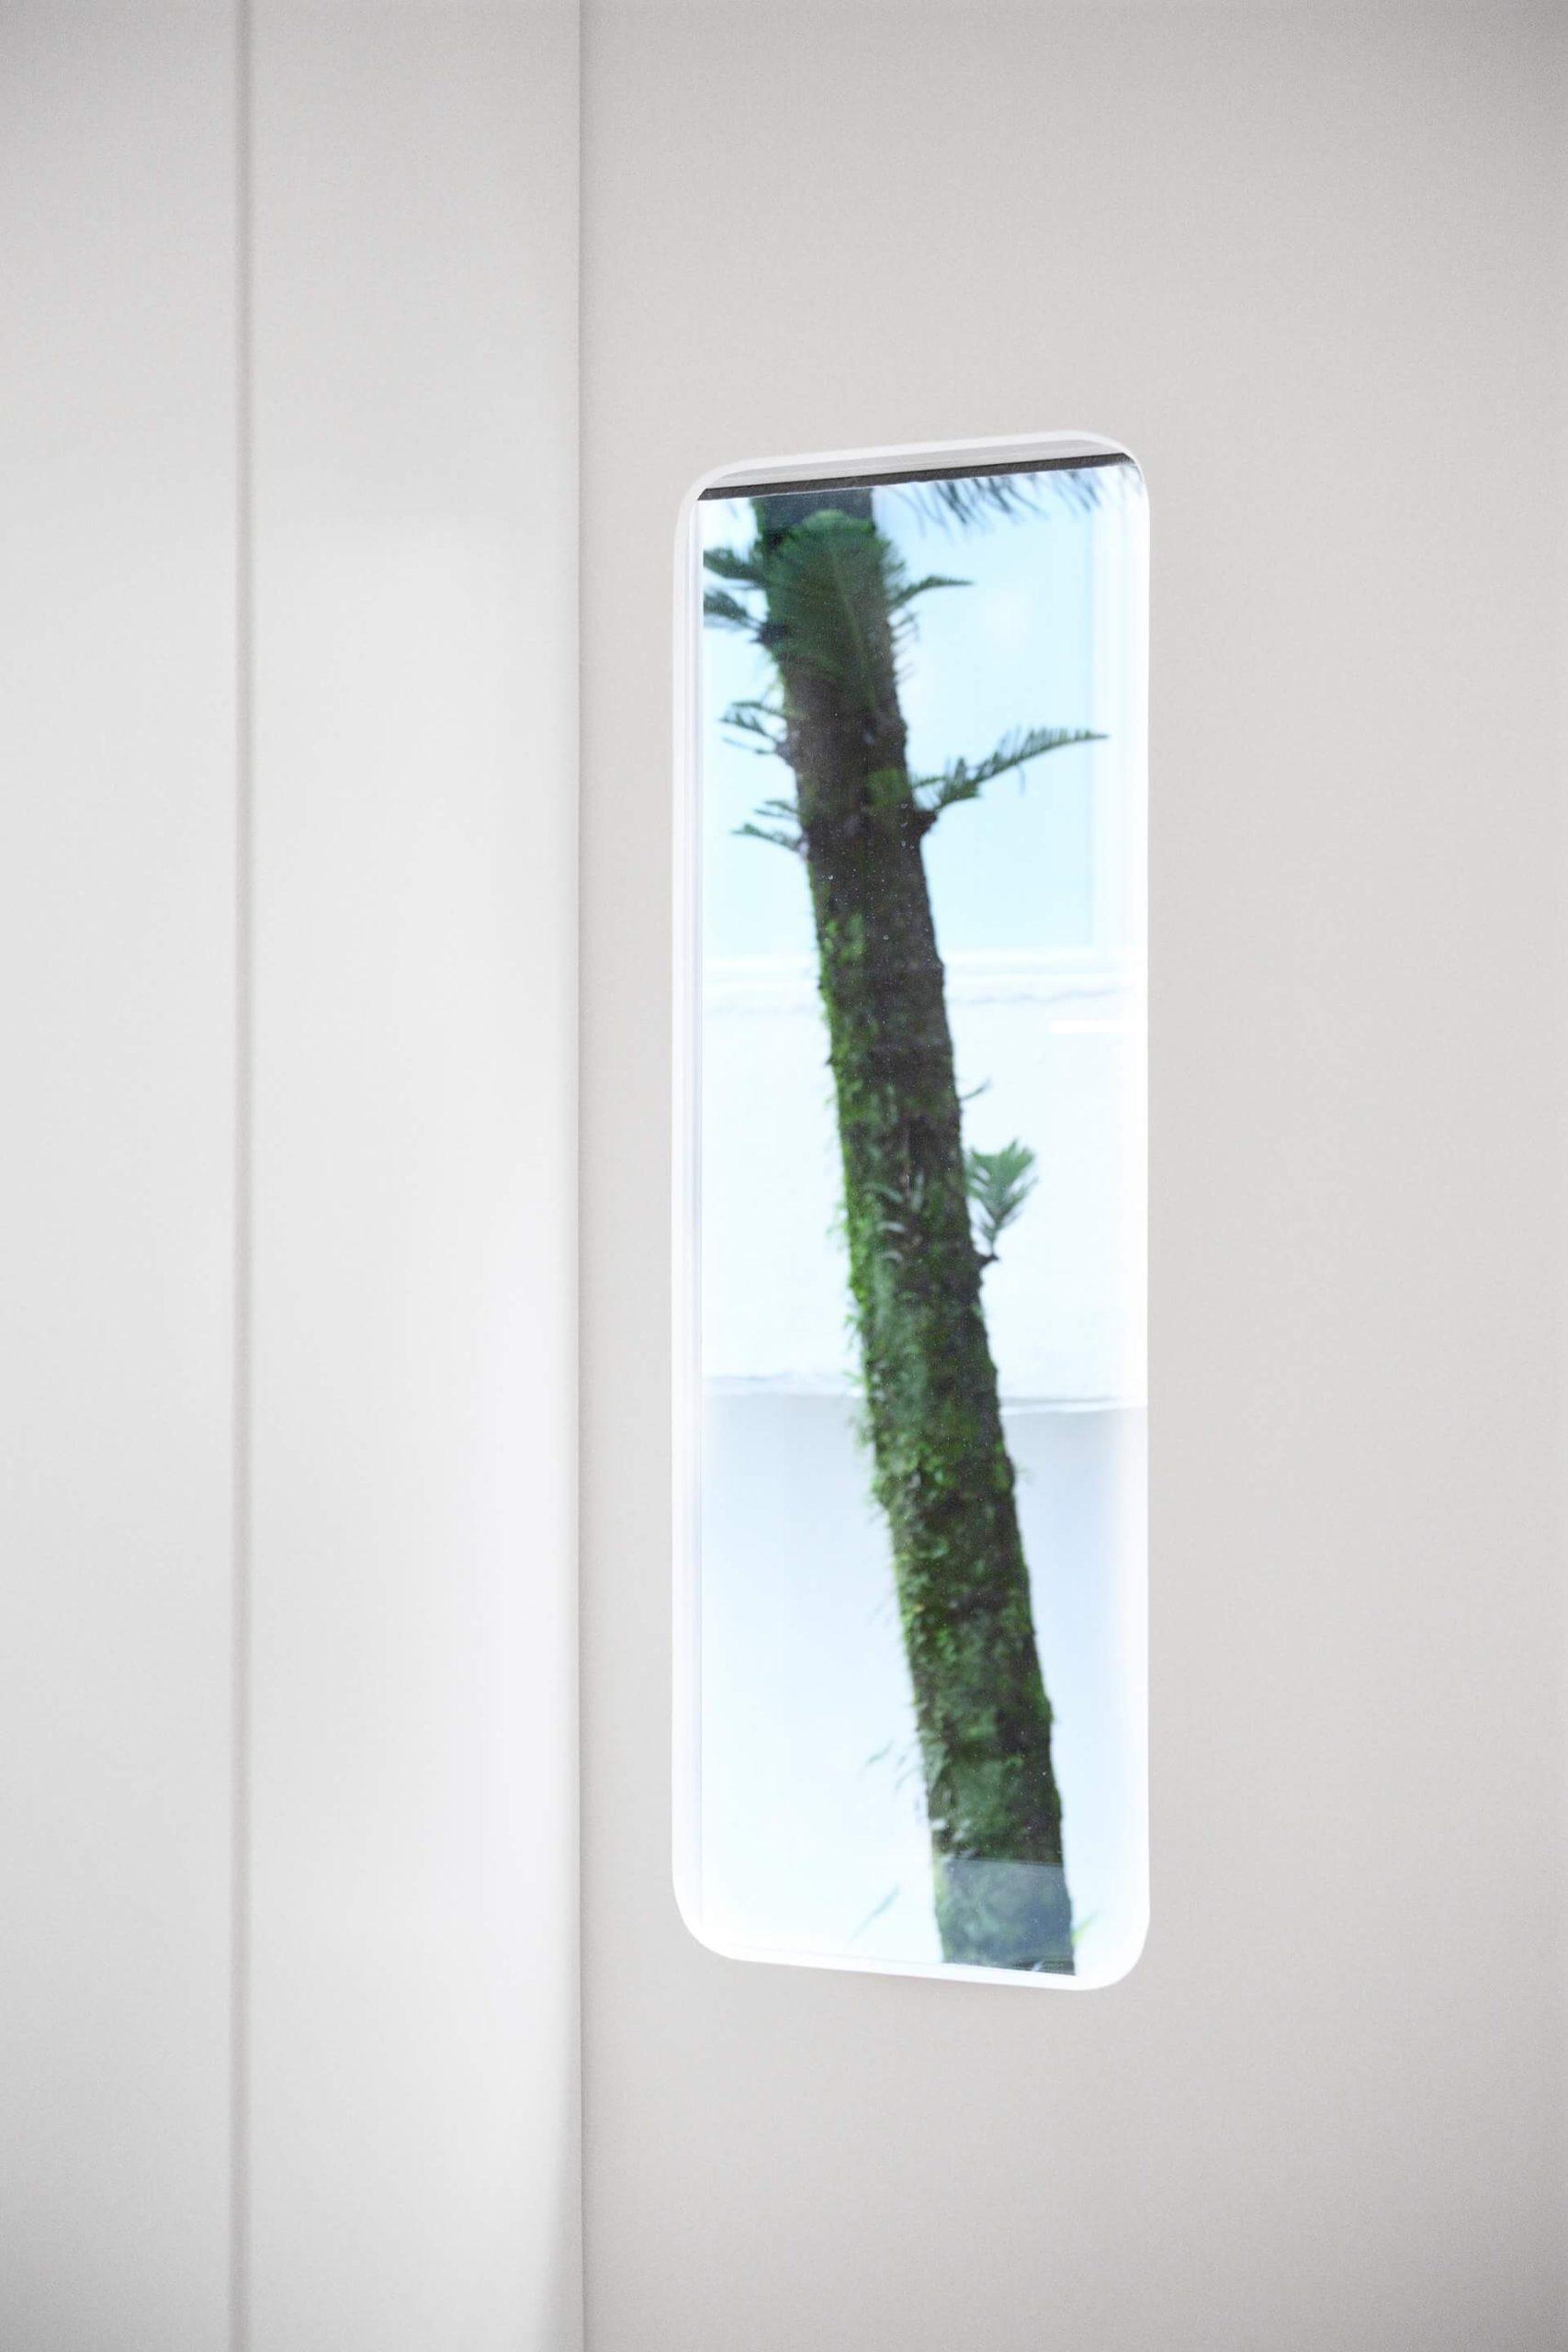 進門鞋櫃旁的玄關小窗 ,對面的松樹成為進屋時賞心悅目的一景